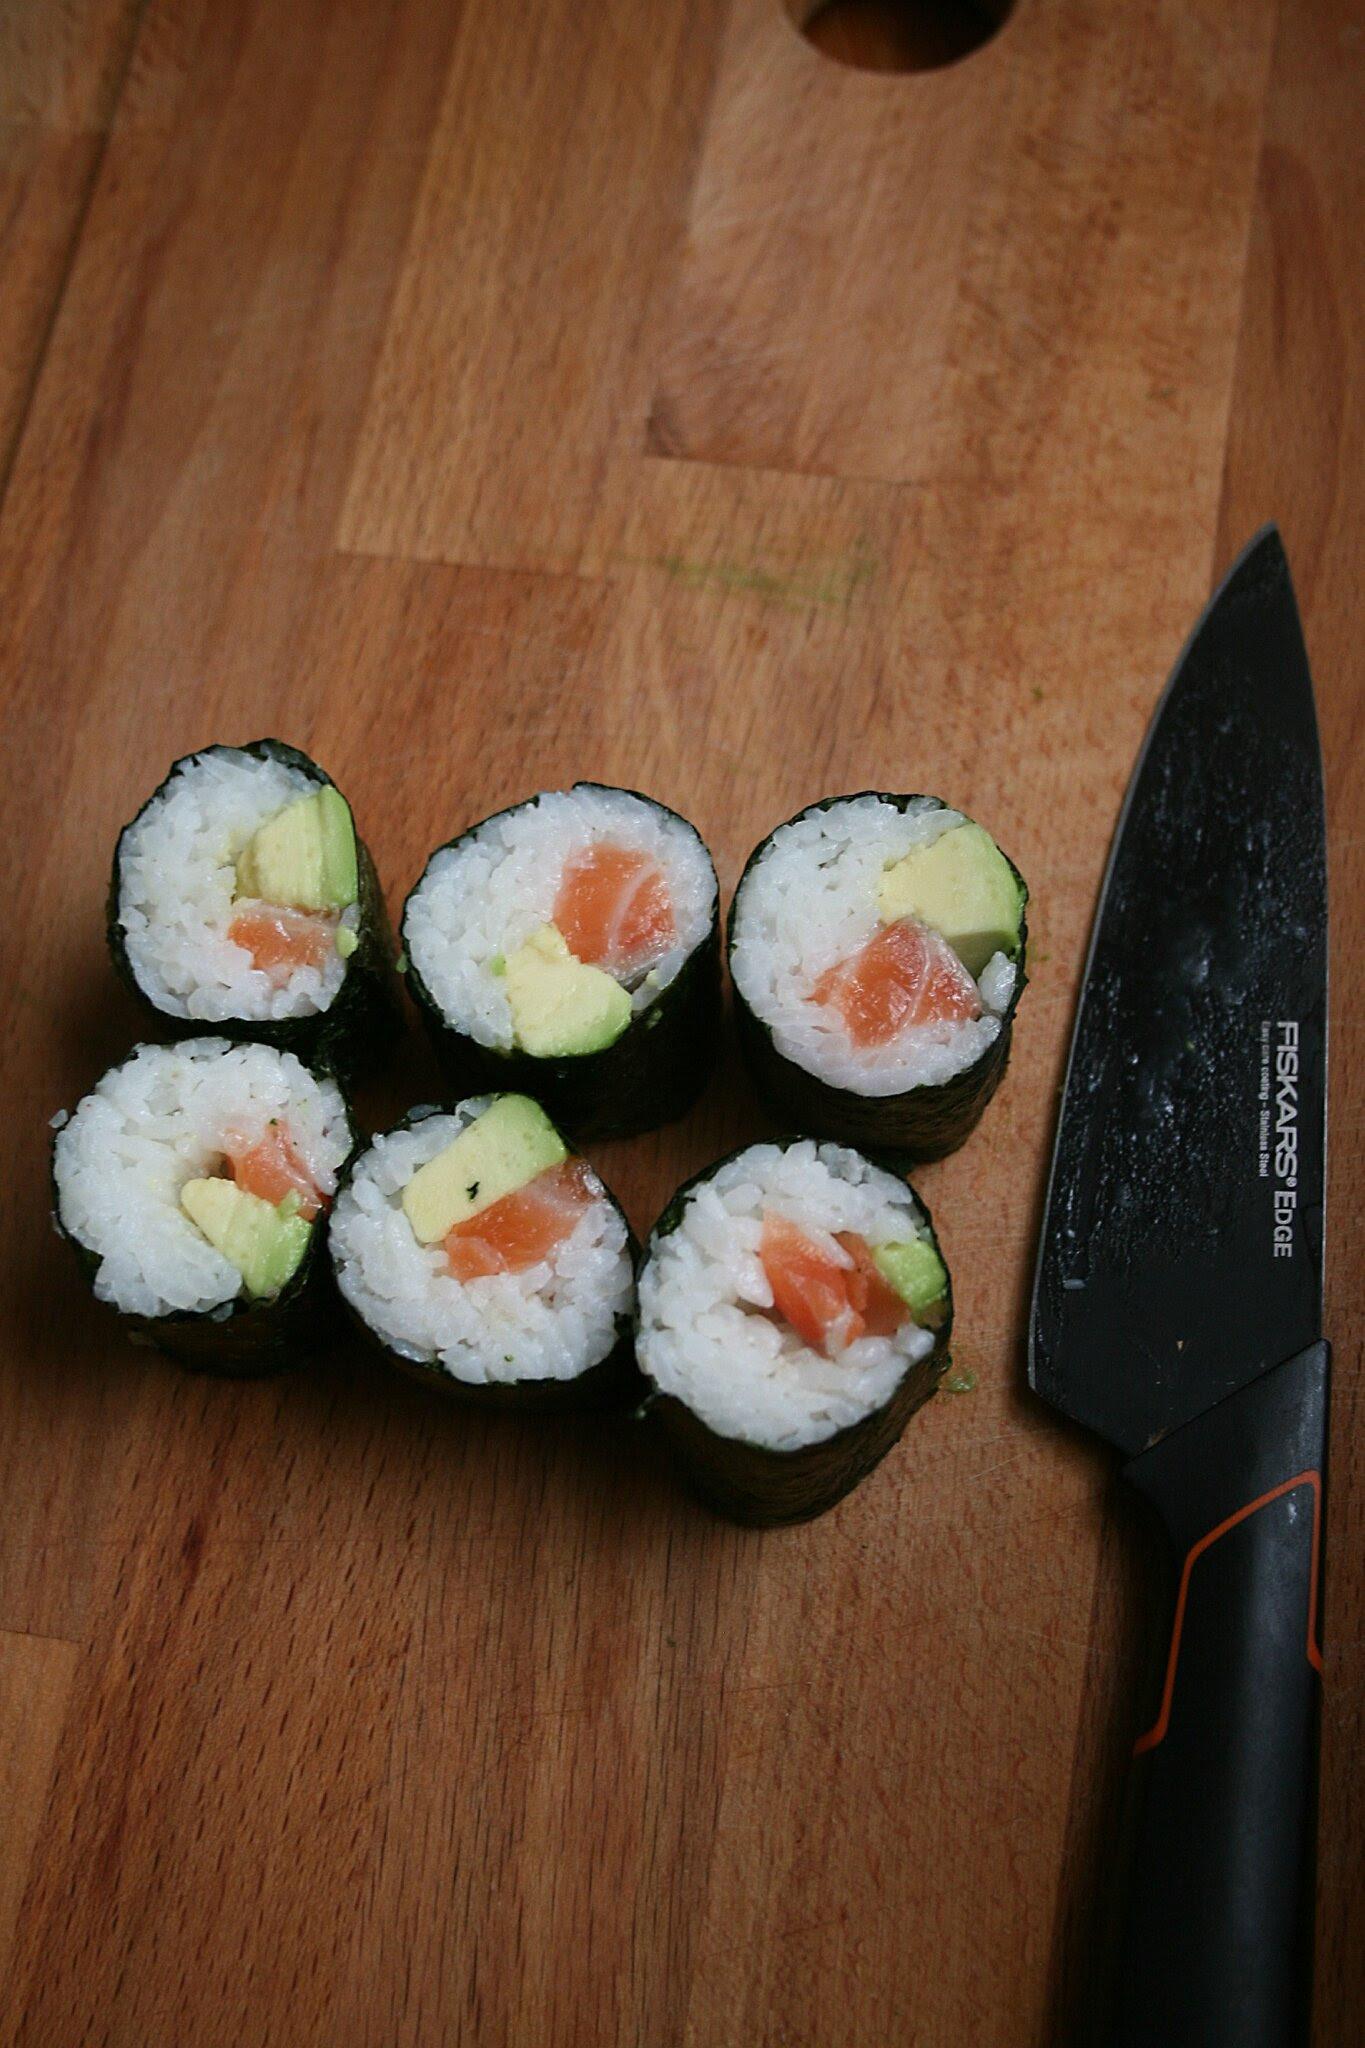 comment faire des sushis maison 6